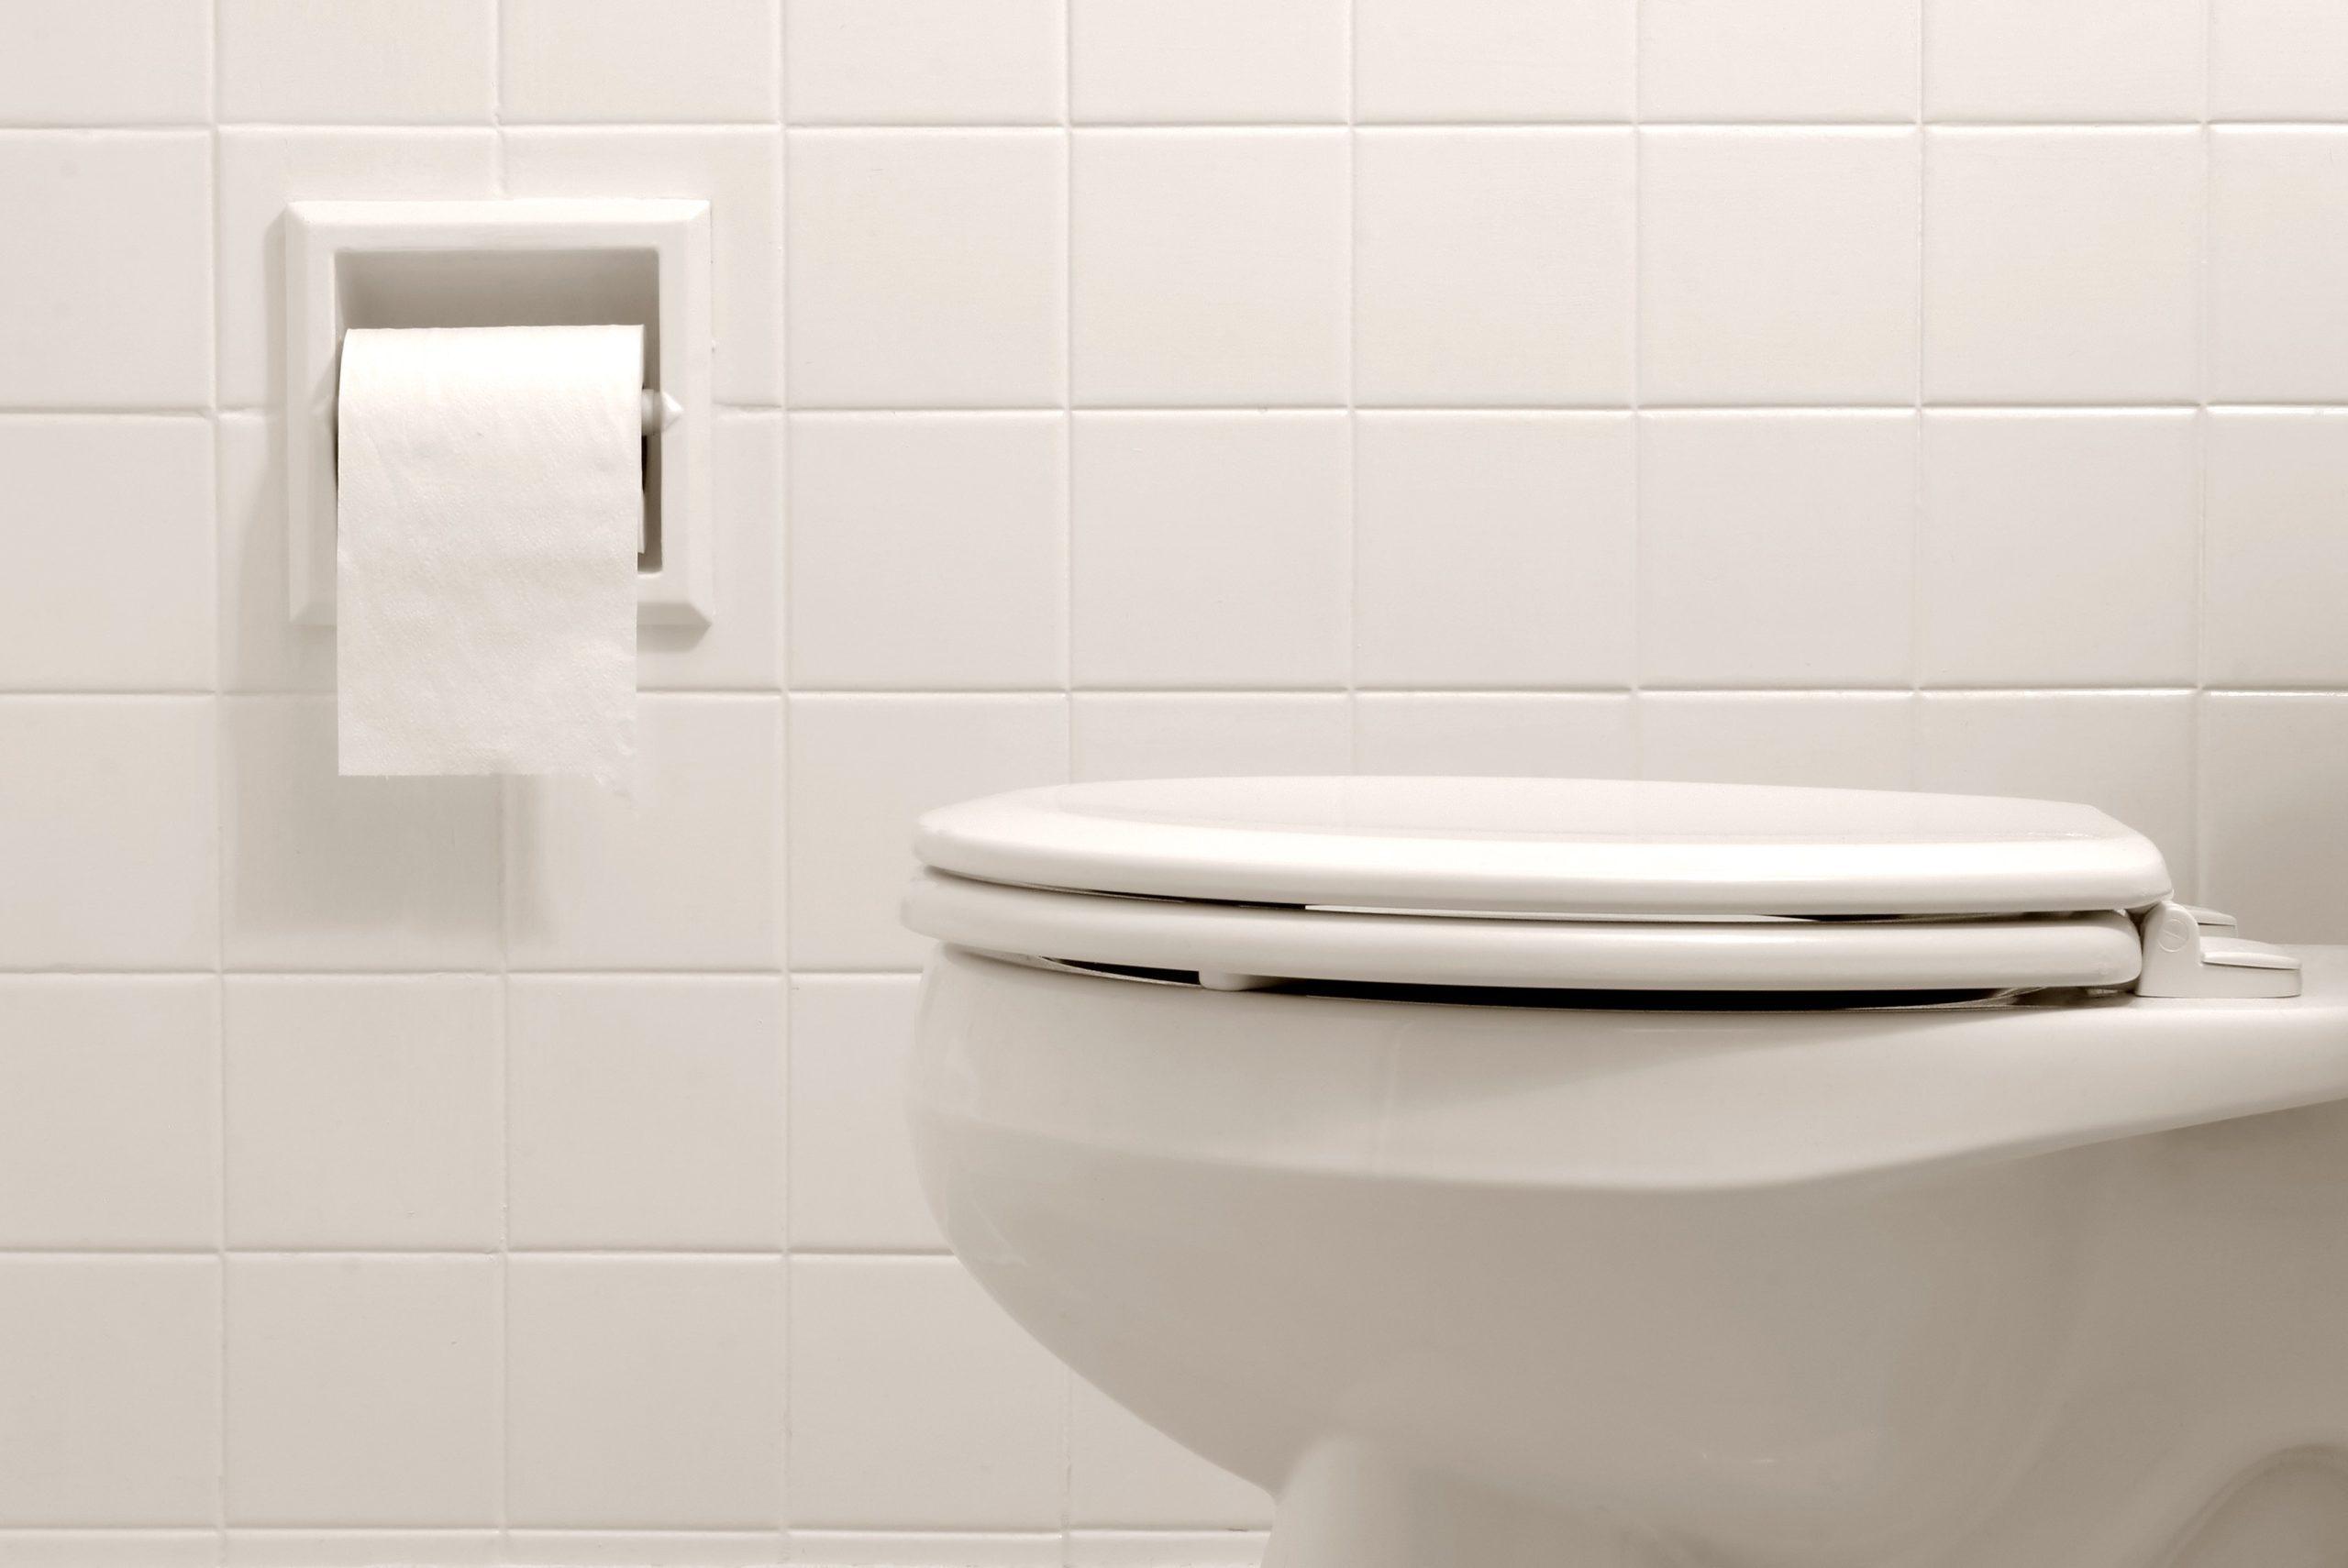 toilet in bathroom